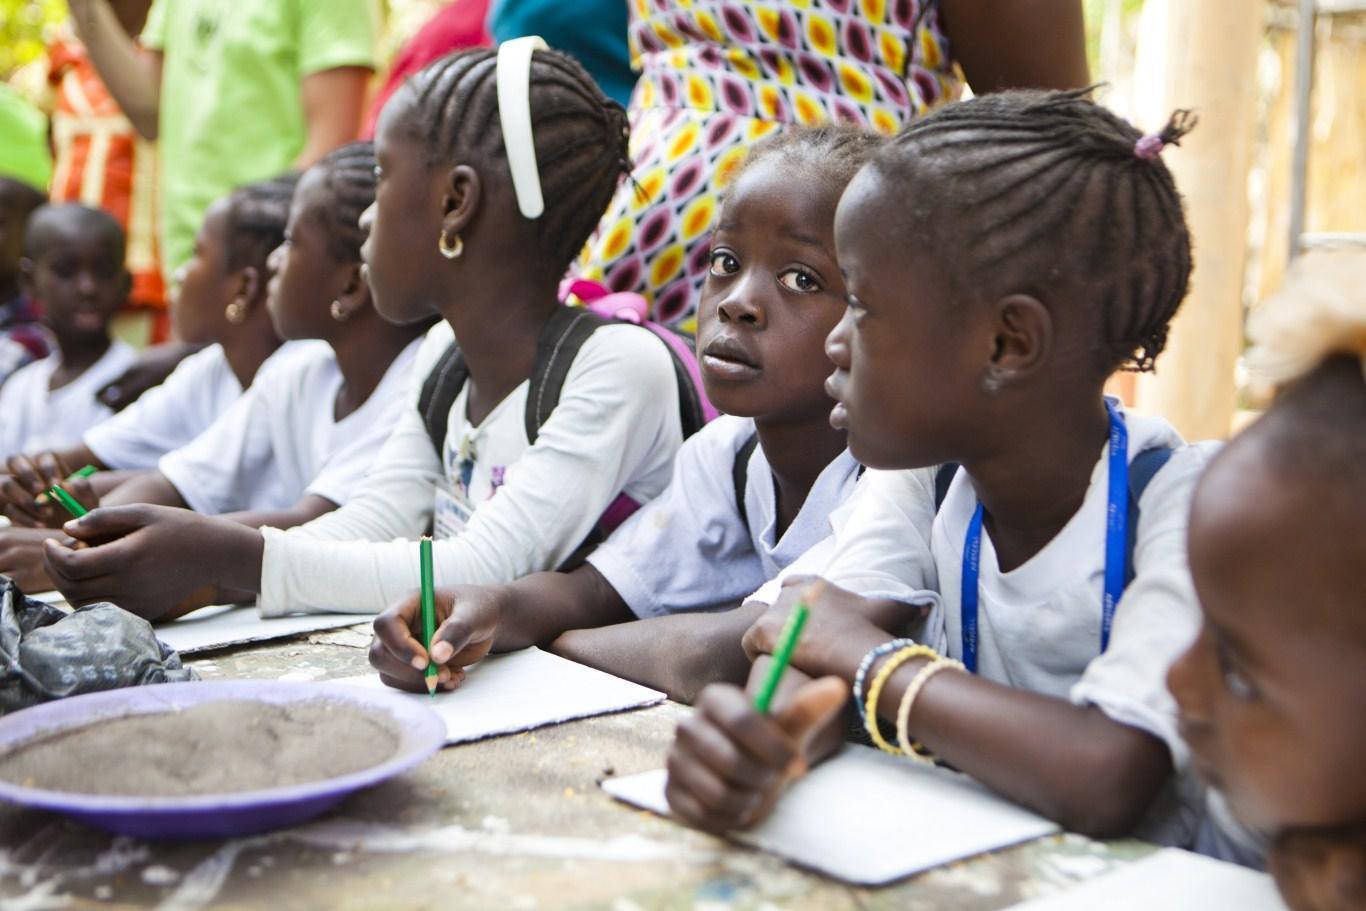 Izlet v Art Village z otroki iz vrtca Mo Beta Gambija